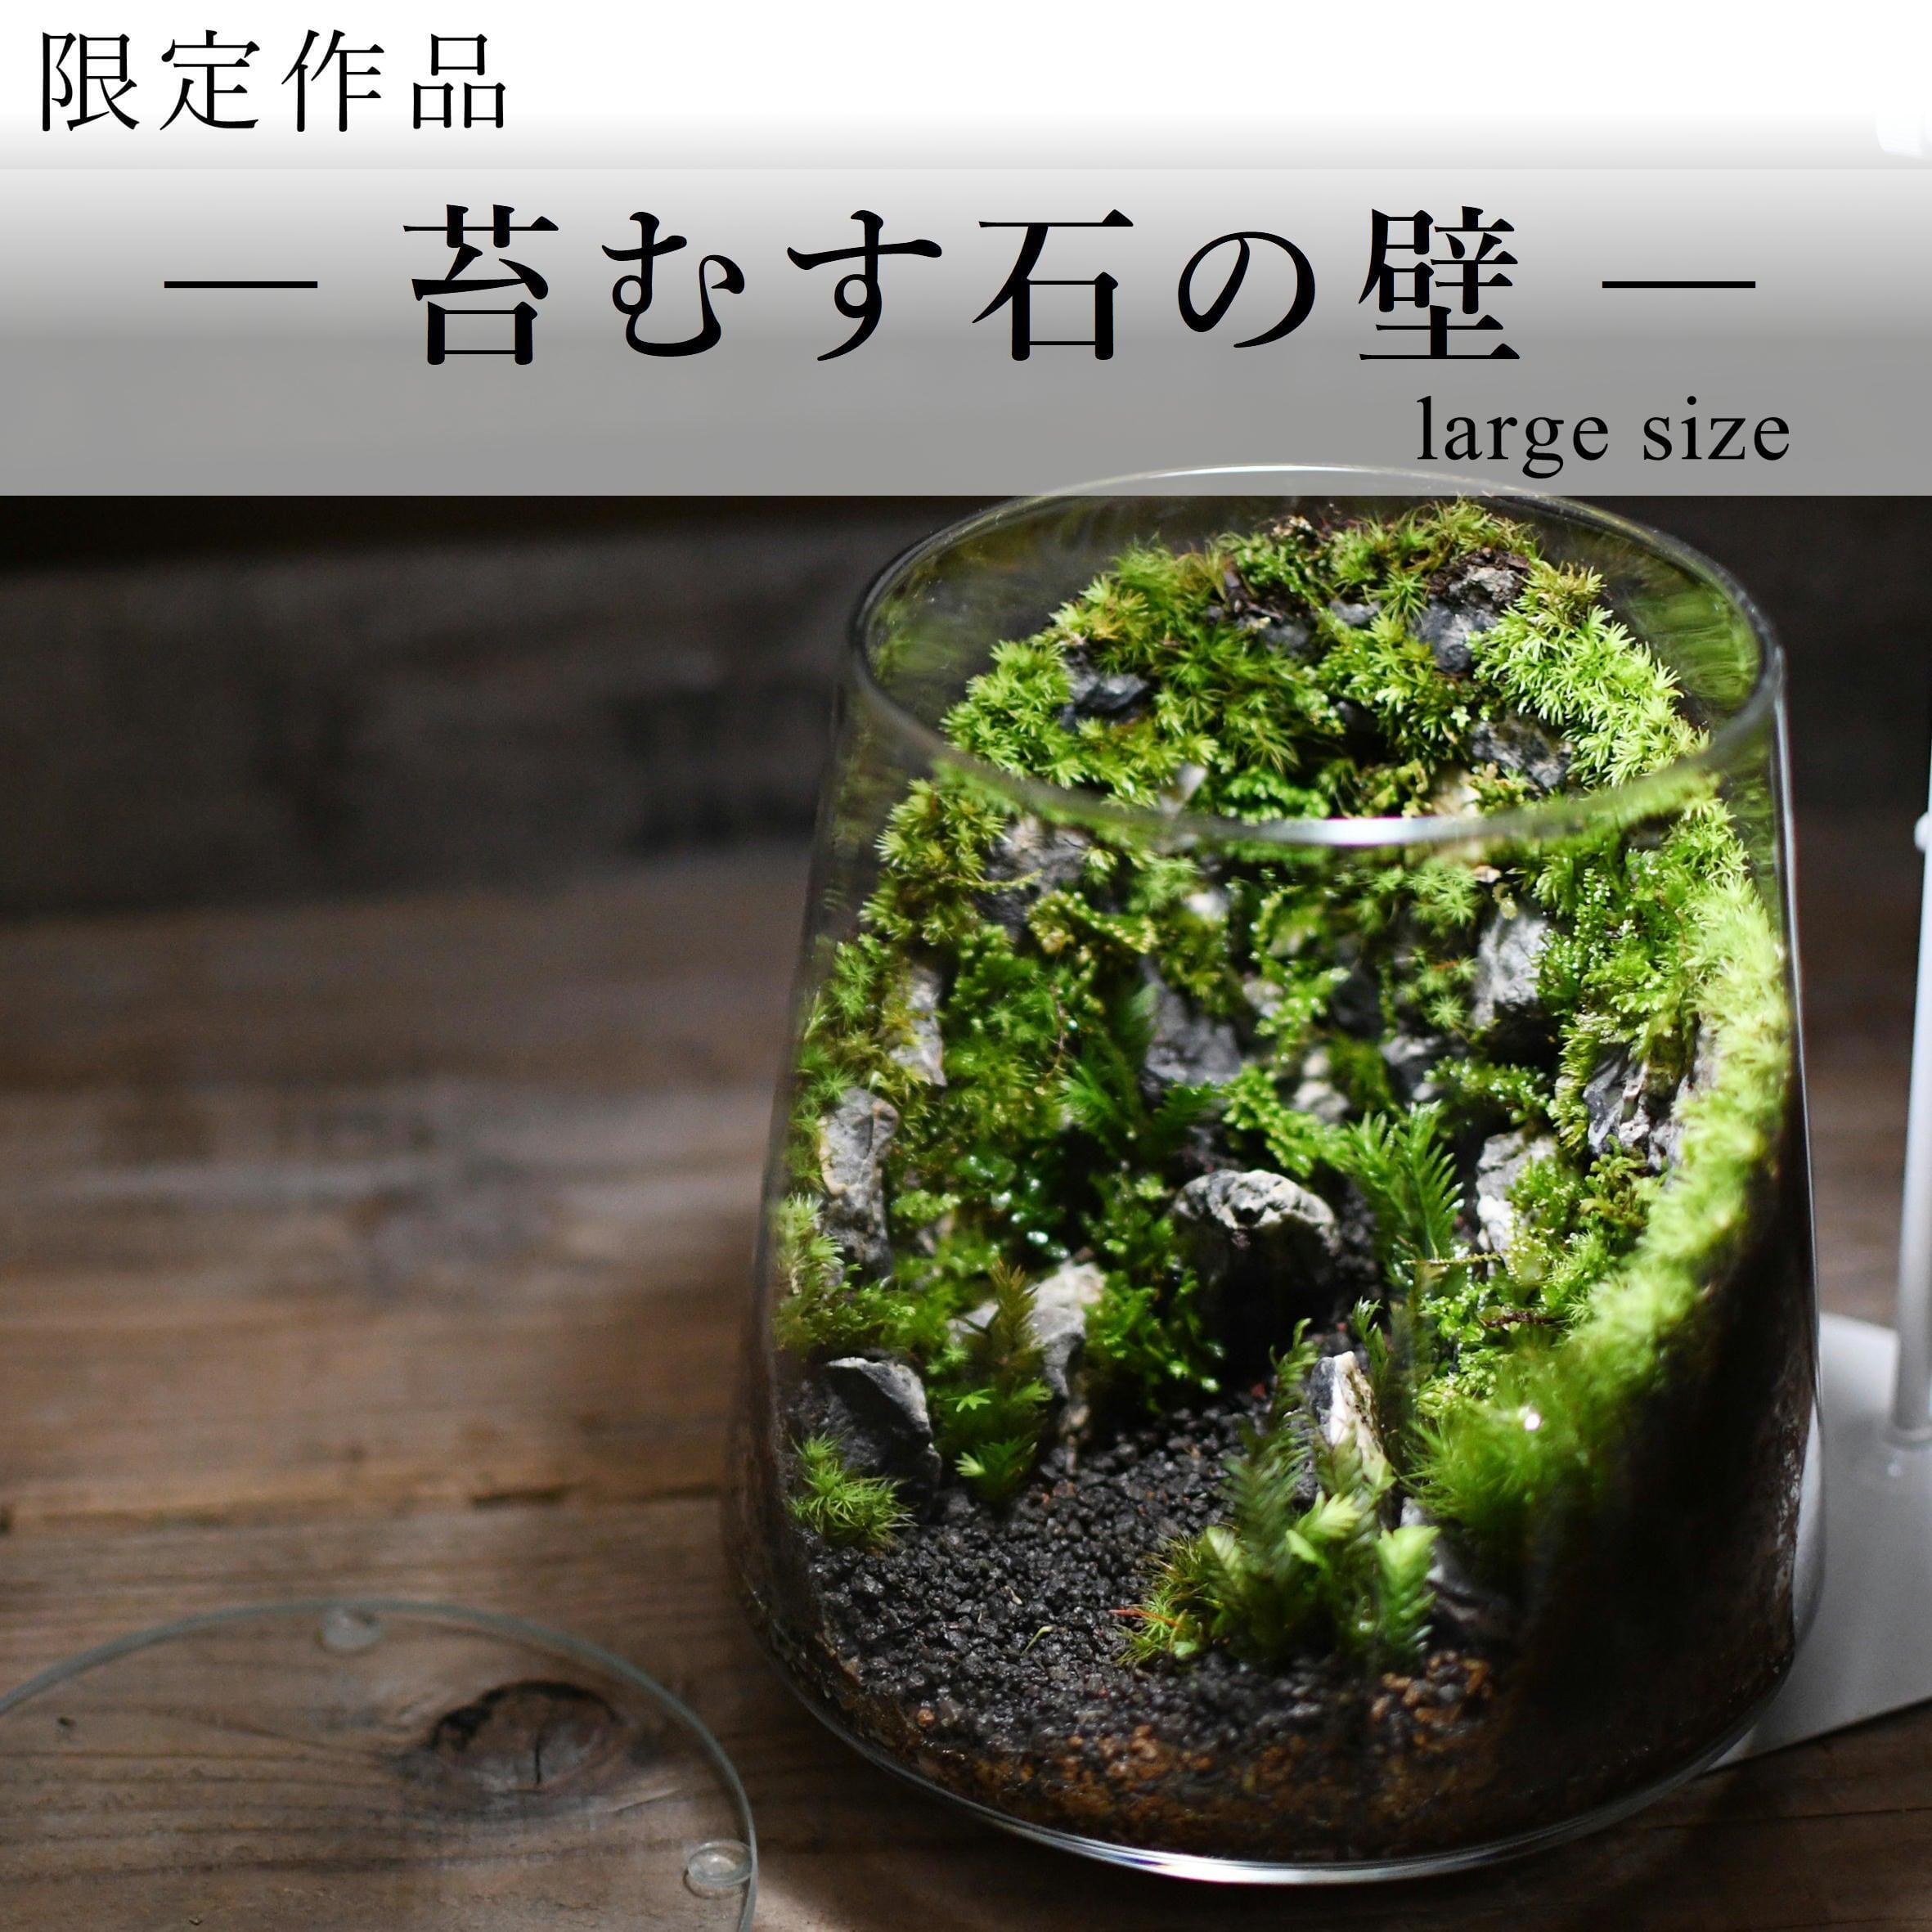 苔景−苔むす石の壁 large size −【苔テラリウム・現物限定販売】